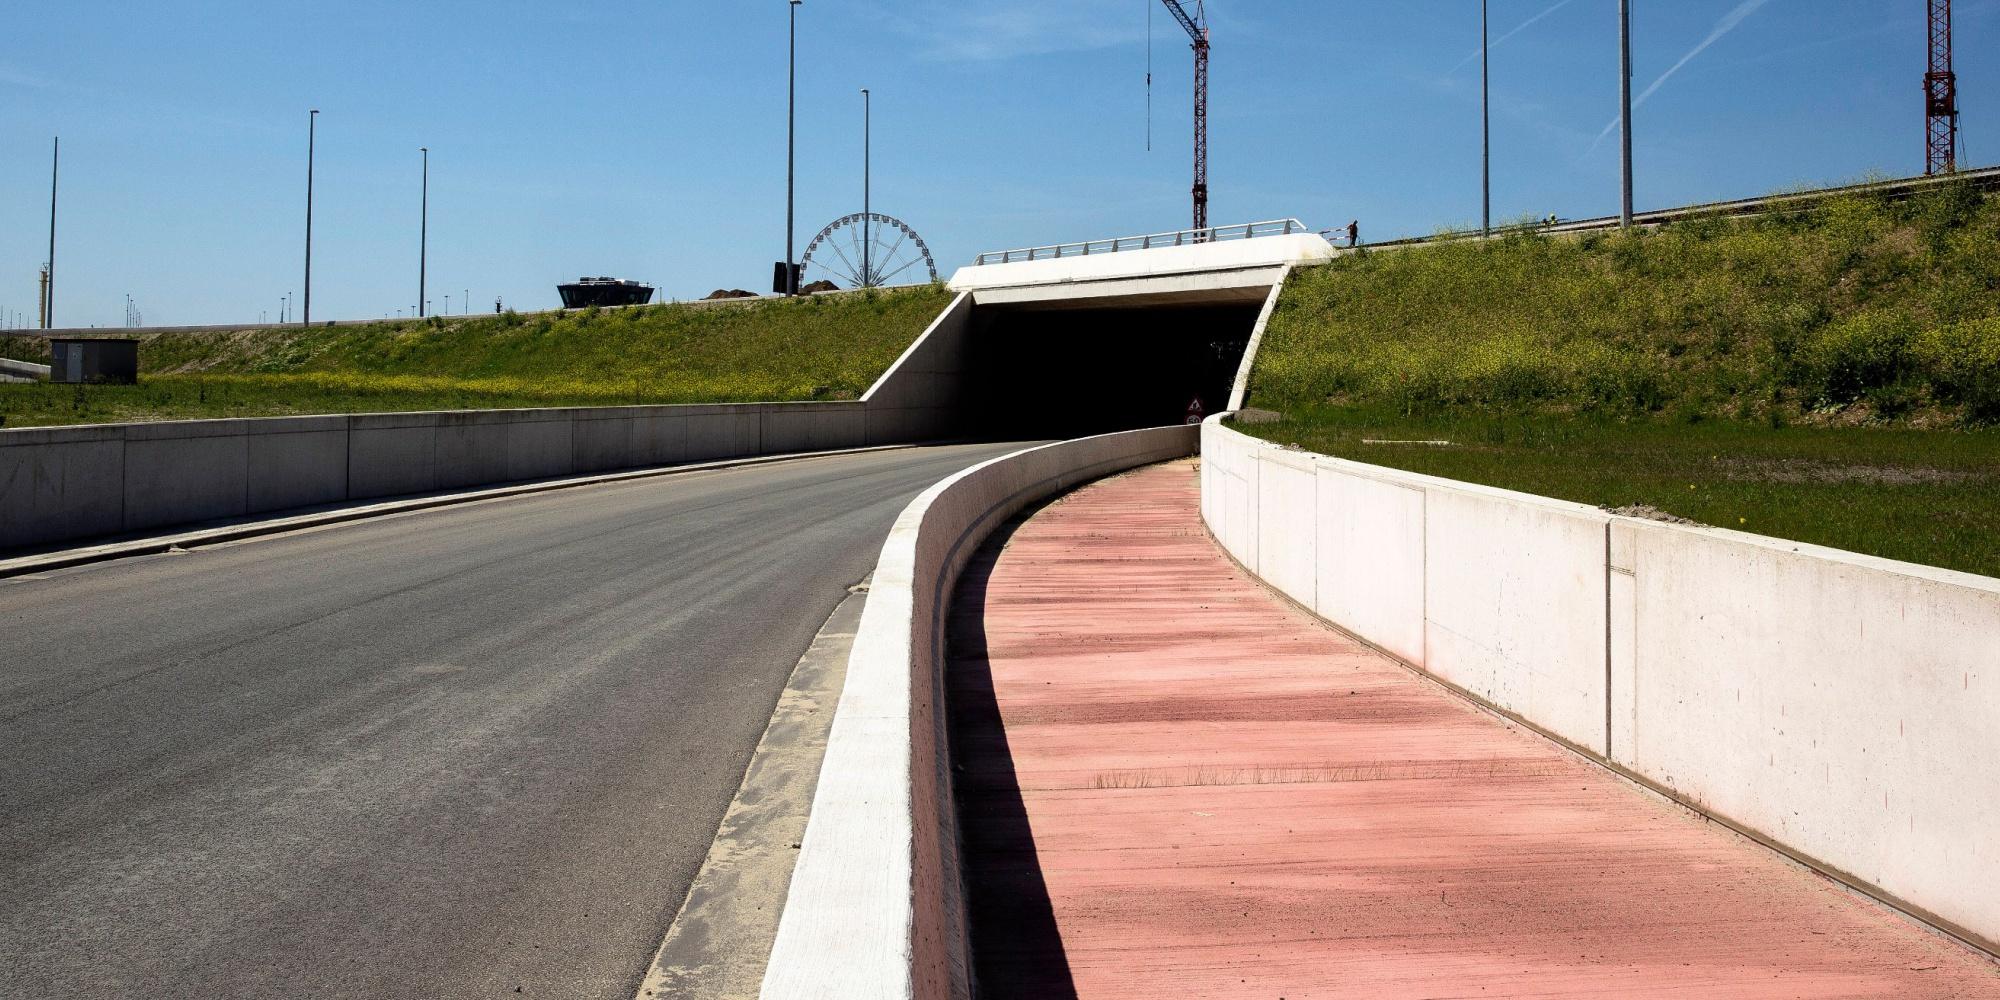 infra-burgerlijke-bouwkunde-brug-beeld